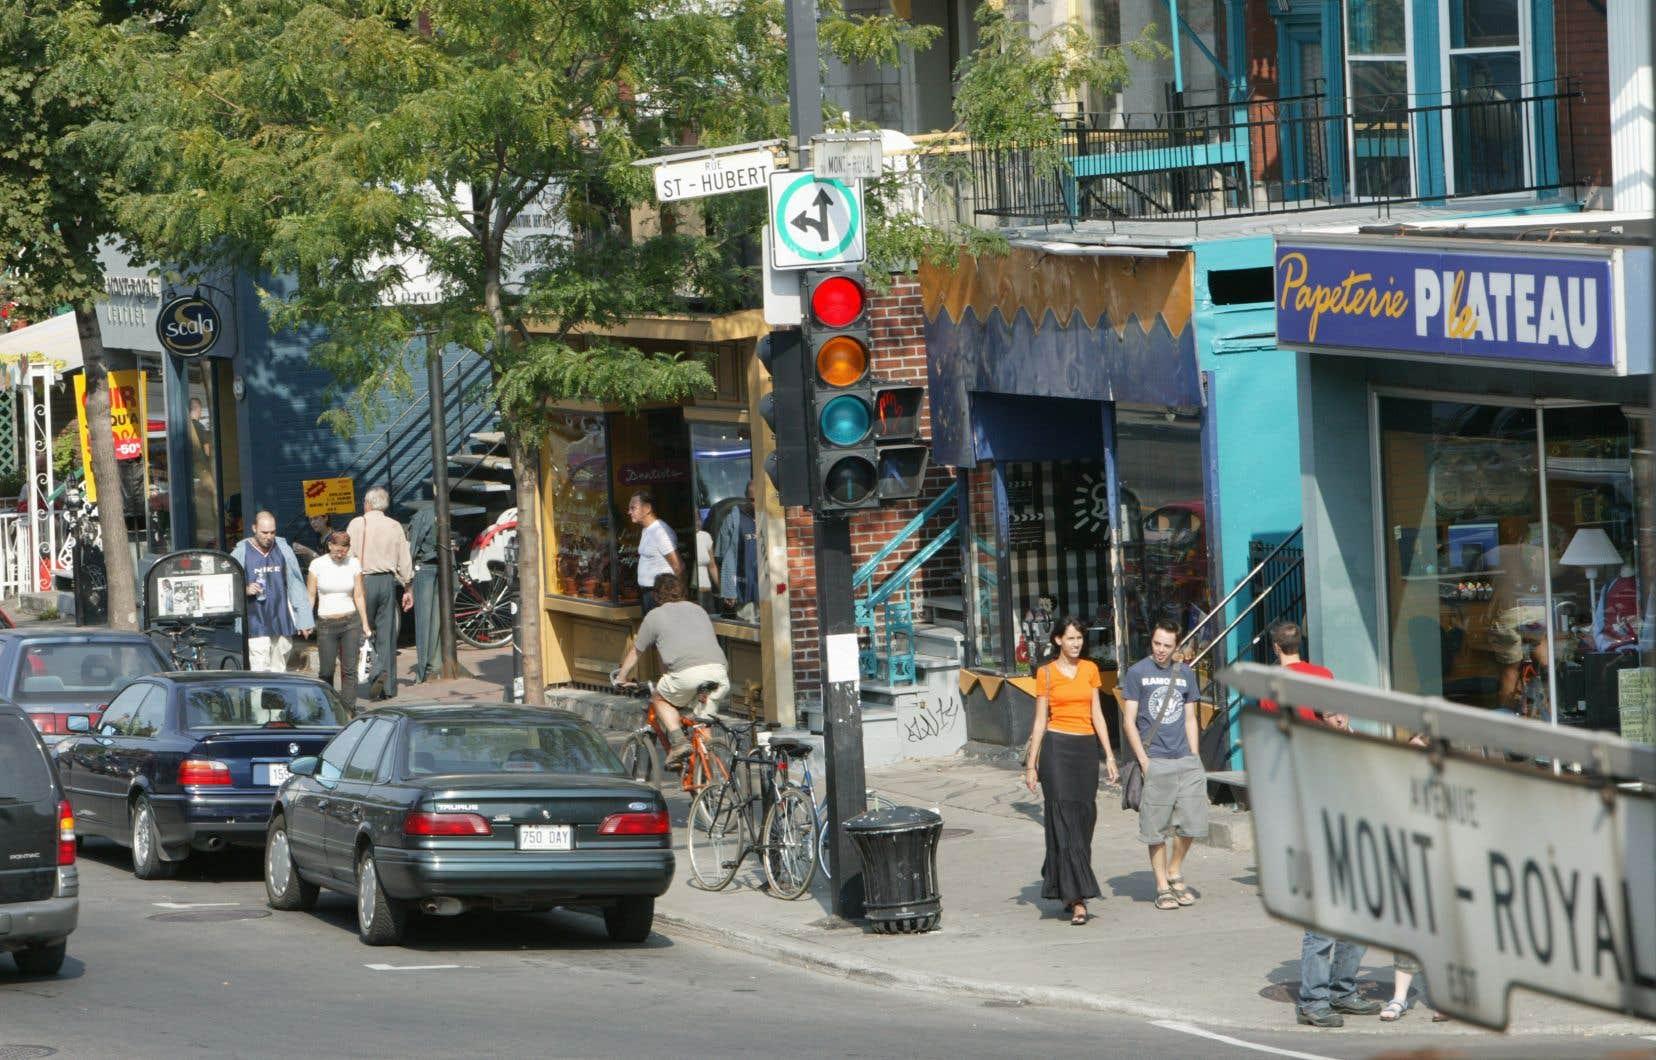 Les trois candidats en lice à la mairie d'arrondissement du Plateau-Mont-Royal ont convenu qu'il fallait agir pour obliger les propriétaires à louer leurs locaux dans un délai raisonnable et encadrer les baux commerciaux.